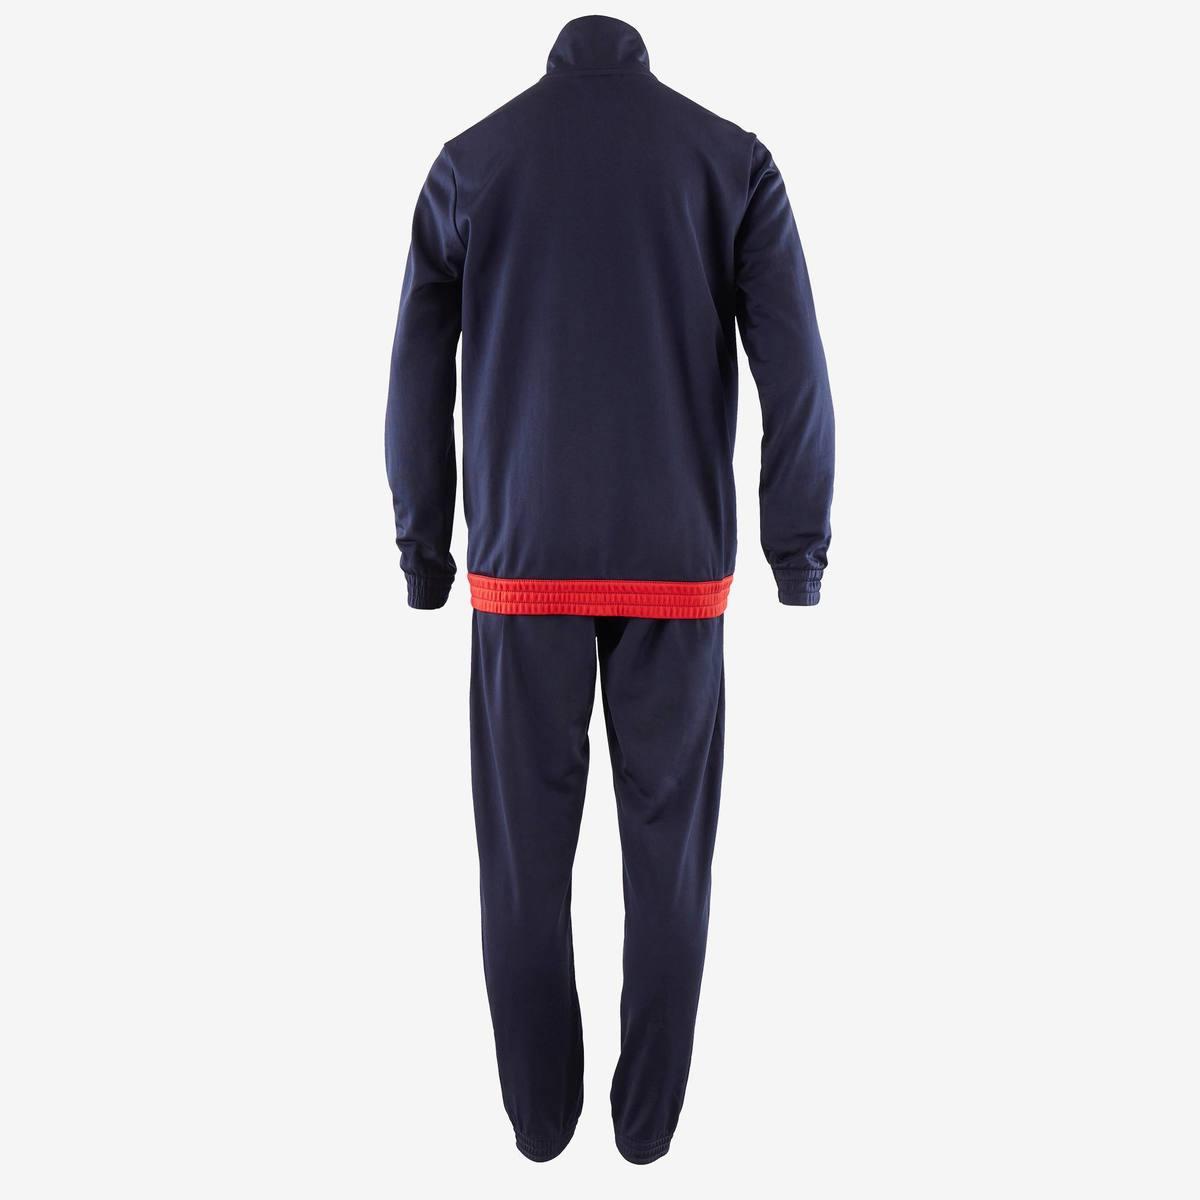 Bild 3 von Trainingsanzug Gym Kinder blau